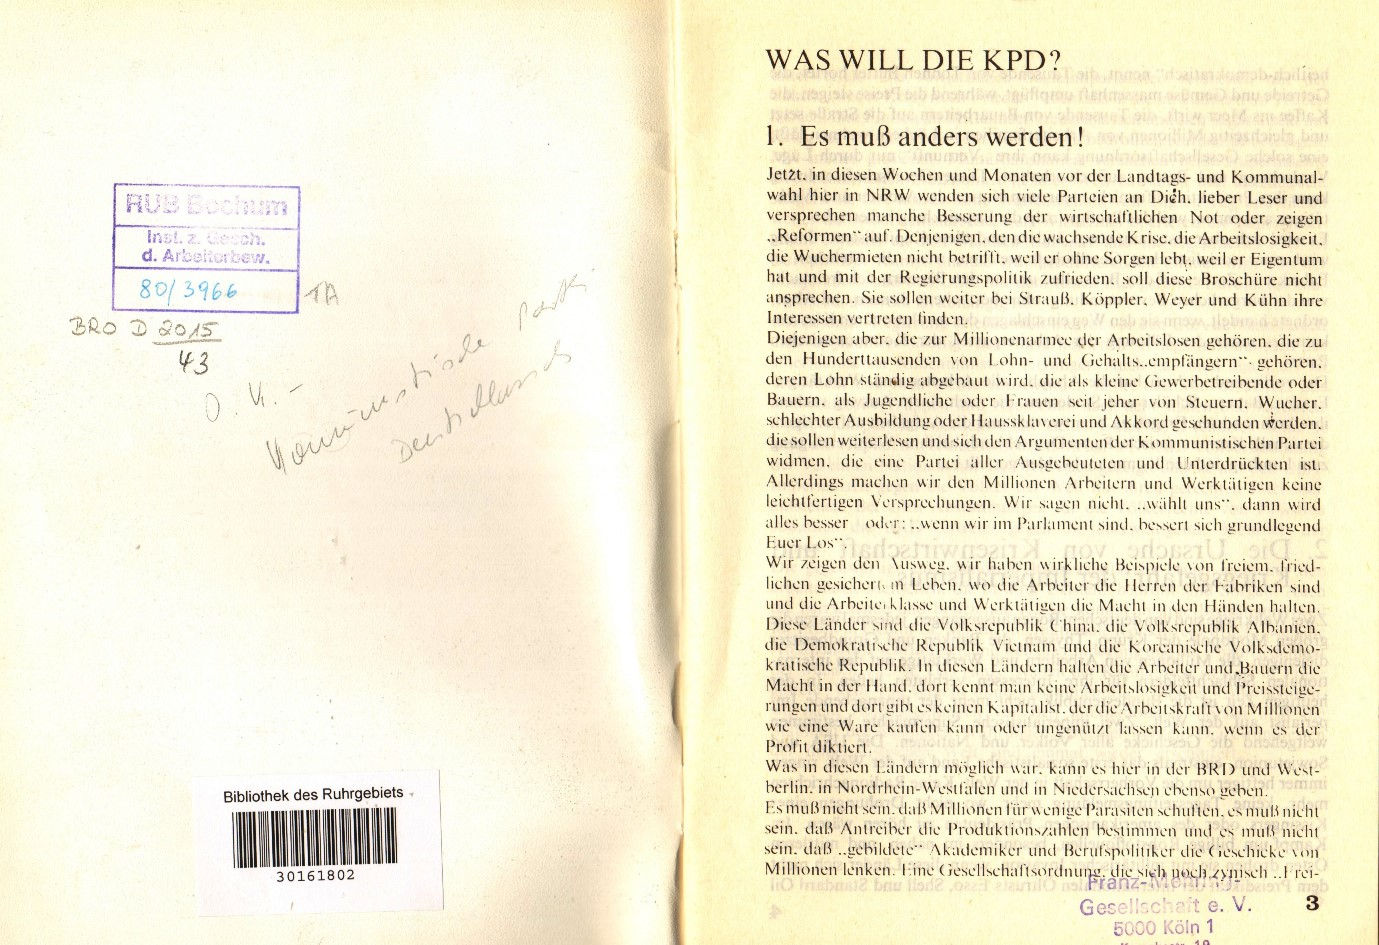 NRW_AO_1975_Was_will_die_KPD_02